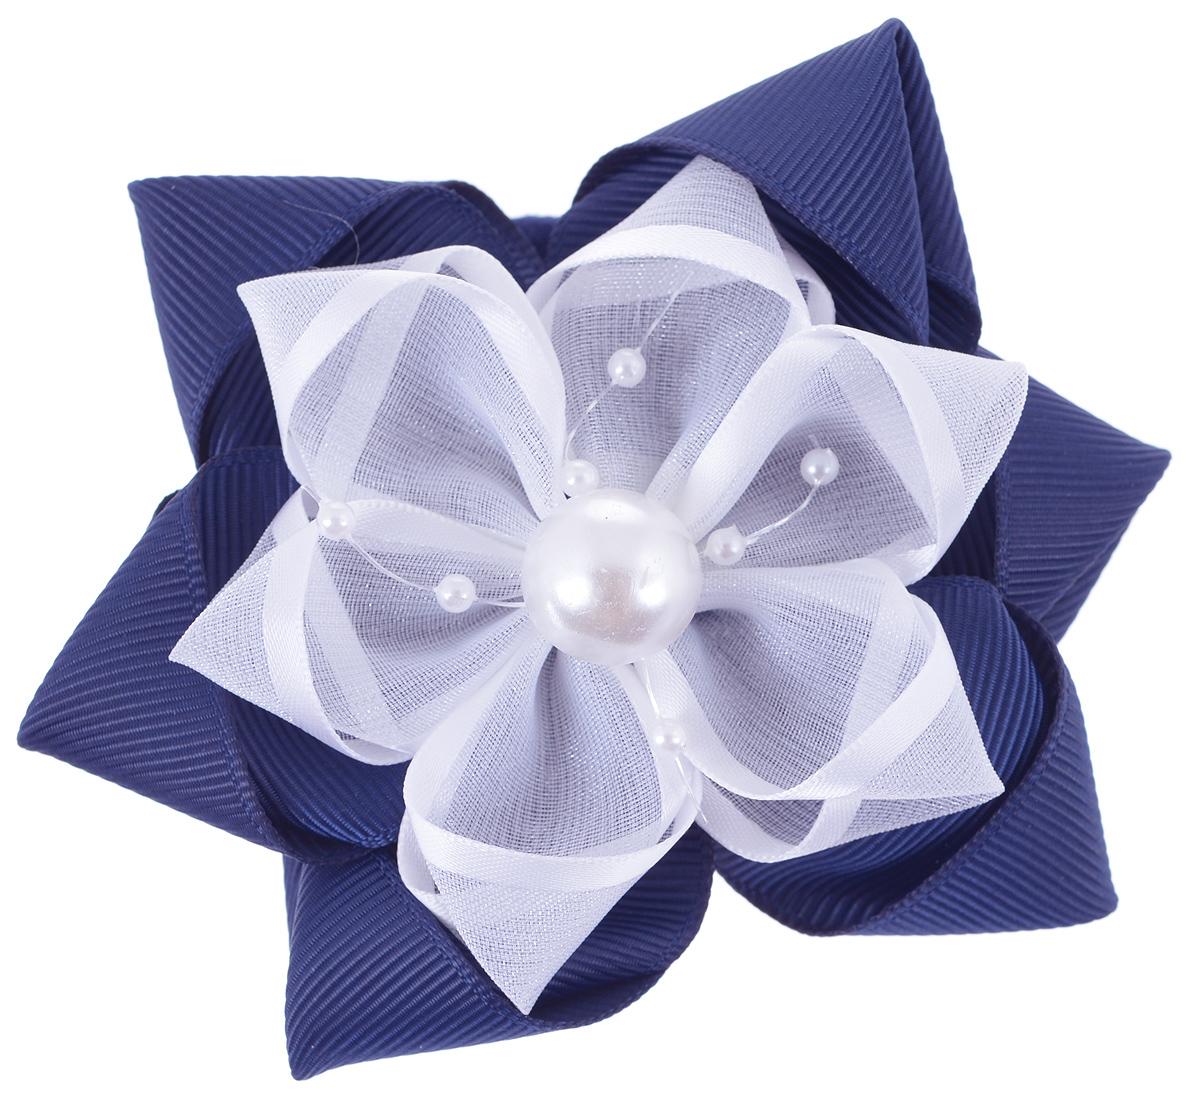 Резинка для волос Babys Joy, цвет: синий. MN 189MN 189_т.синийРезинка для волос Babys Joy изготовлена из текстиля и дополнена милым бантиком, который оформлен пластиковыми бусинами.Резинка для волос Babys Joy надежно зафиксирует волосы и подчеркнет красоту прически вашей маленькой принцессы.